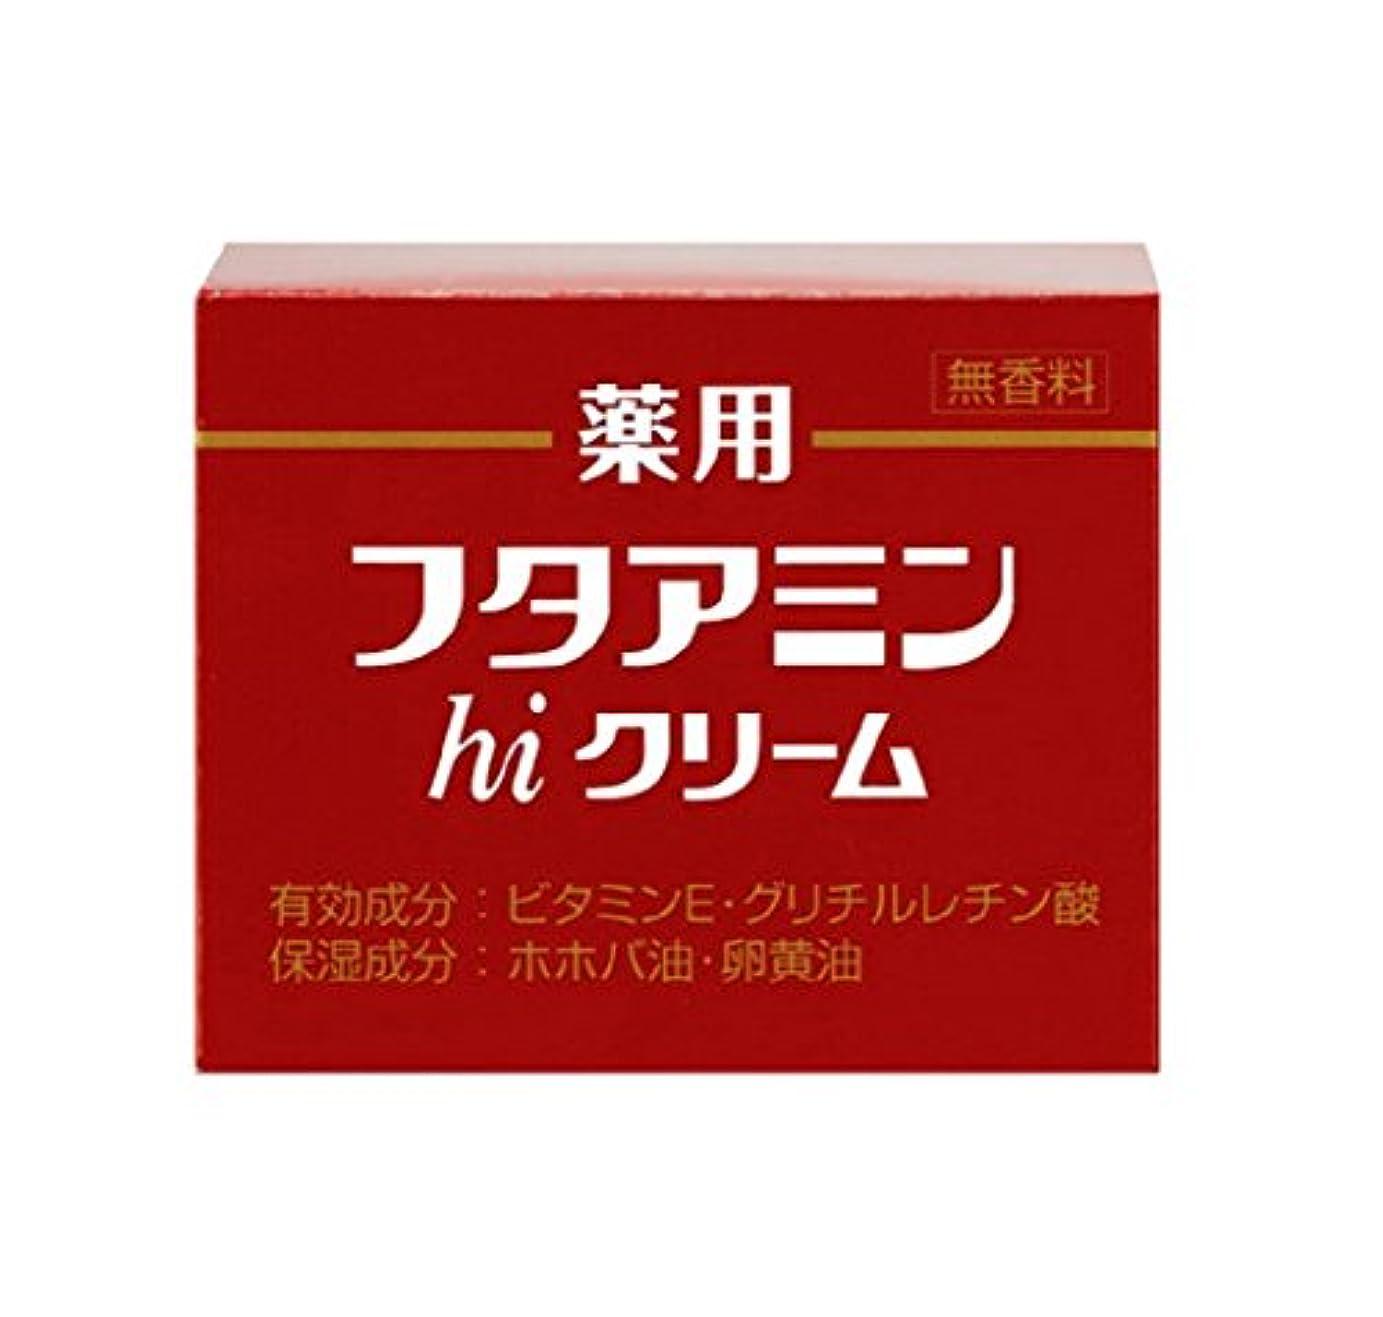 テレビ広くエステート薬用フタアミンhiクリーム 130g